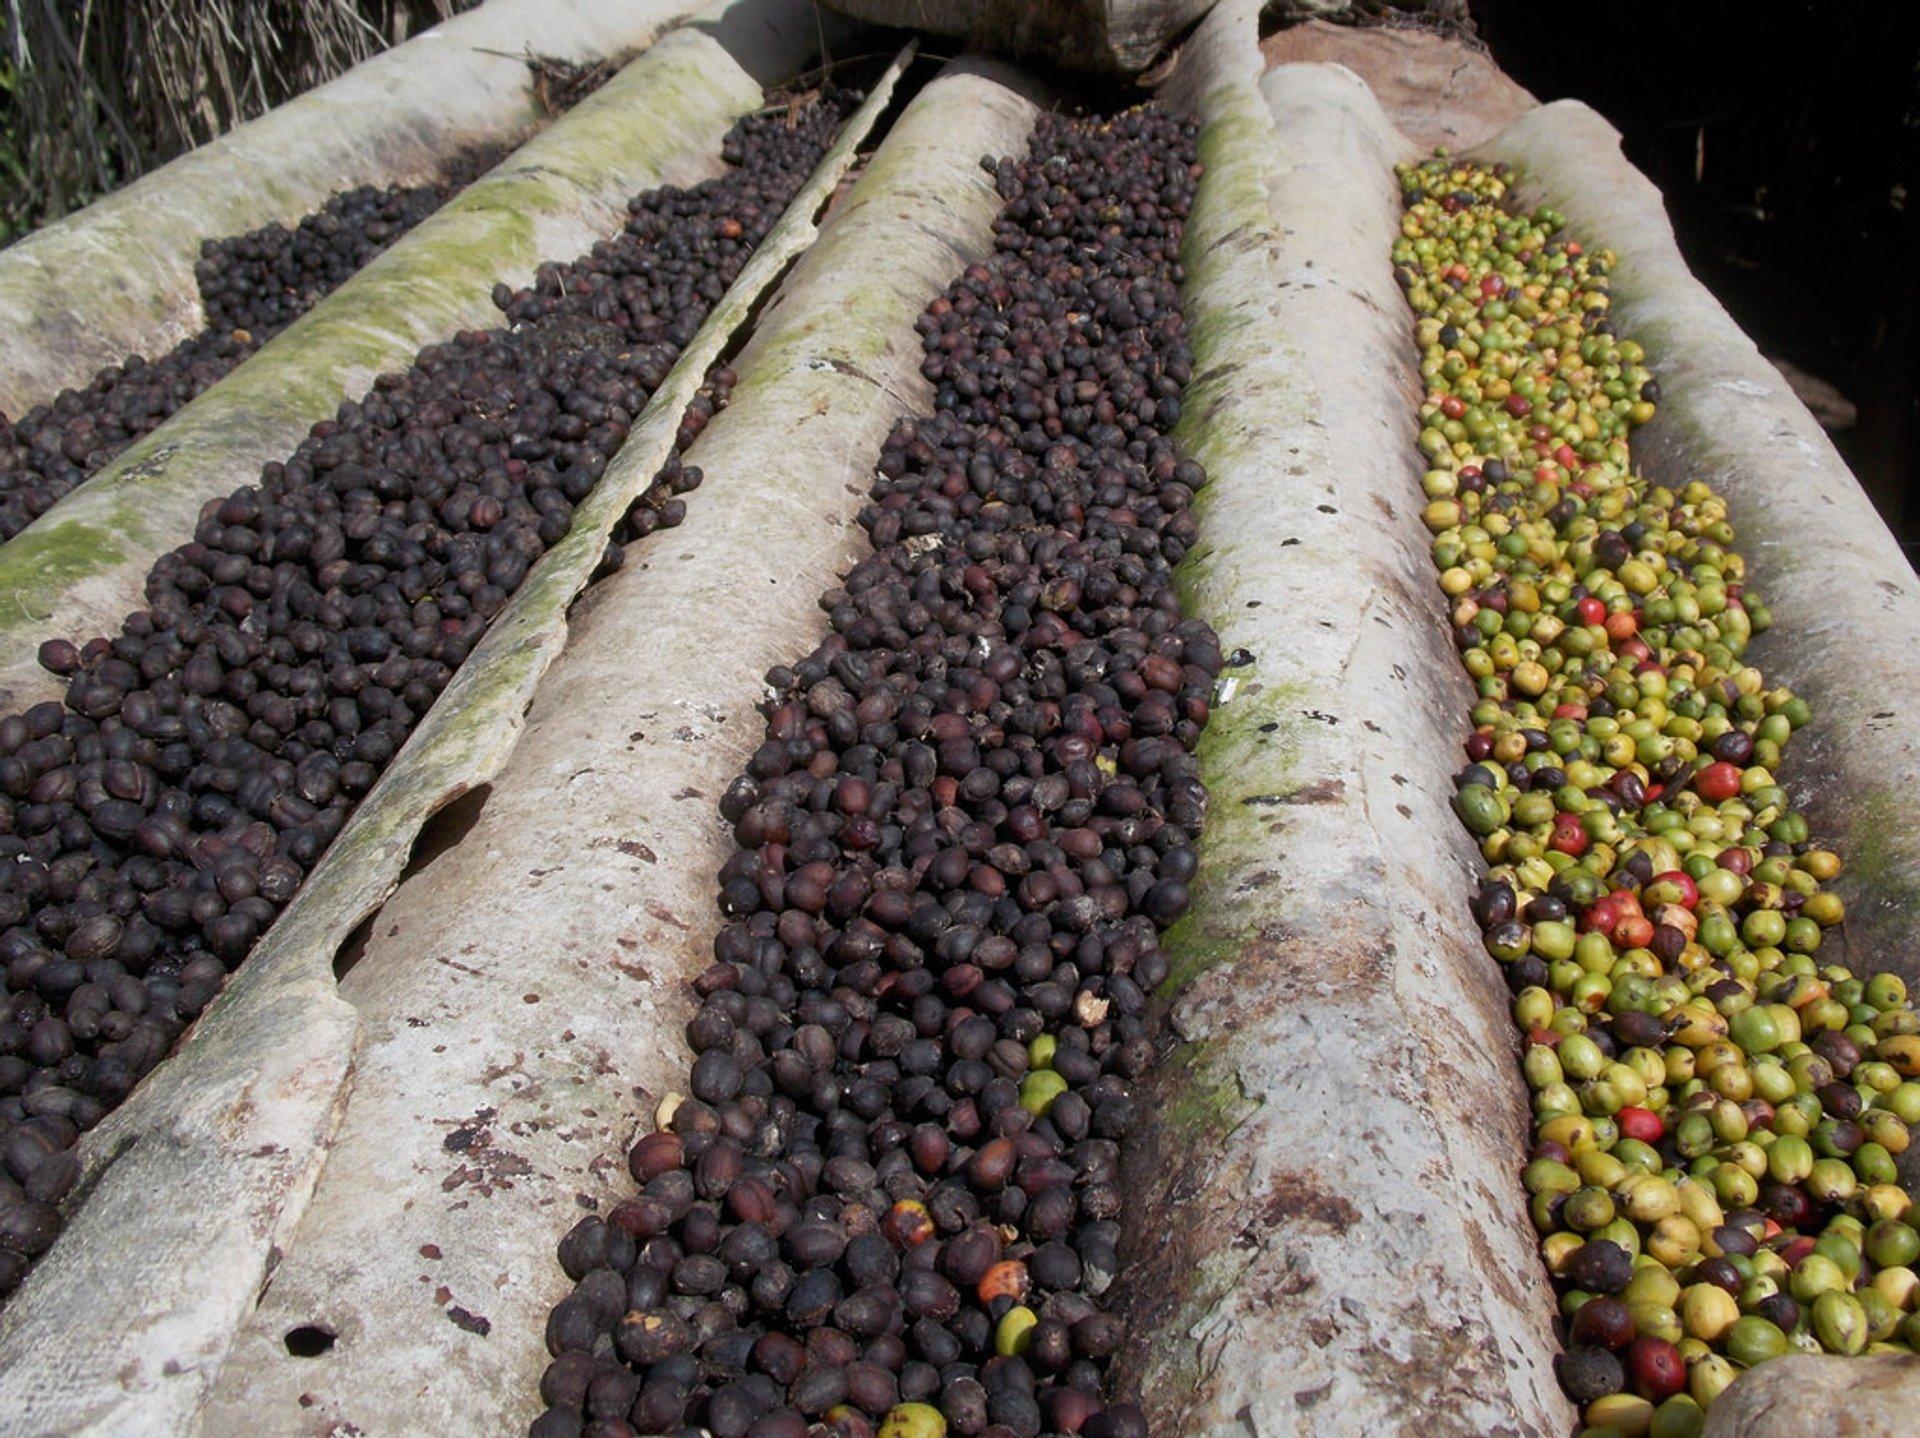 Coffee Harvest in Cuba - Best Season